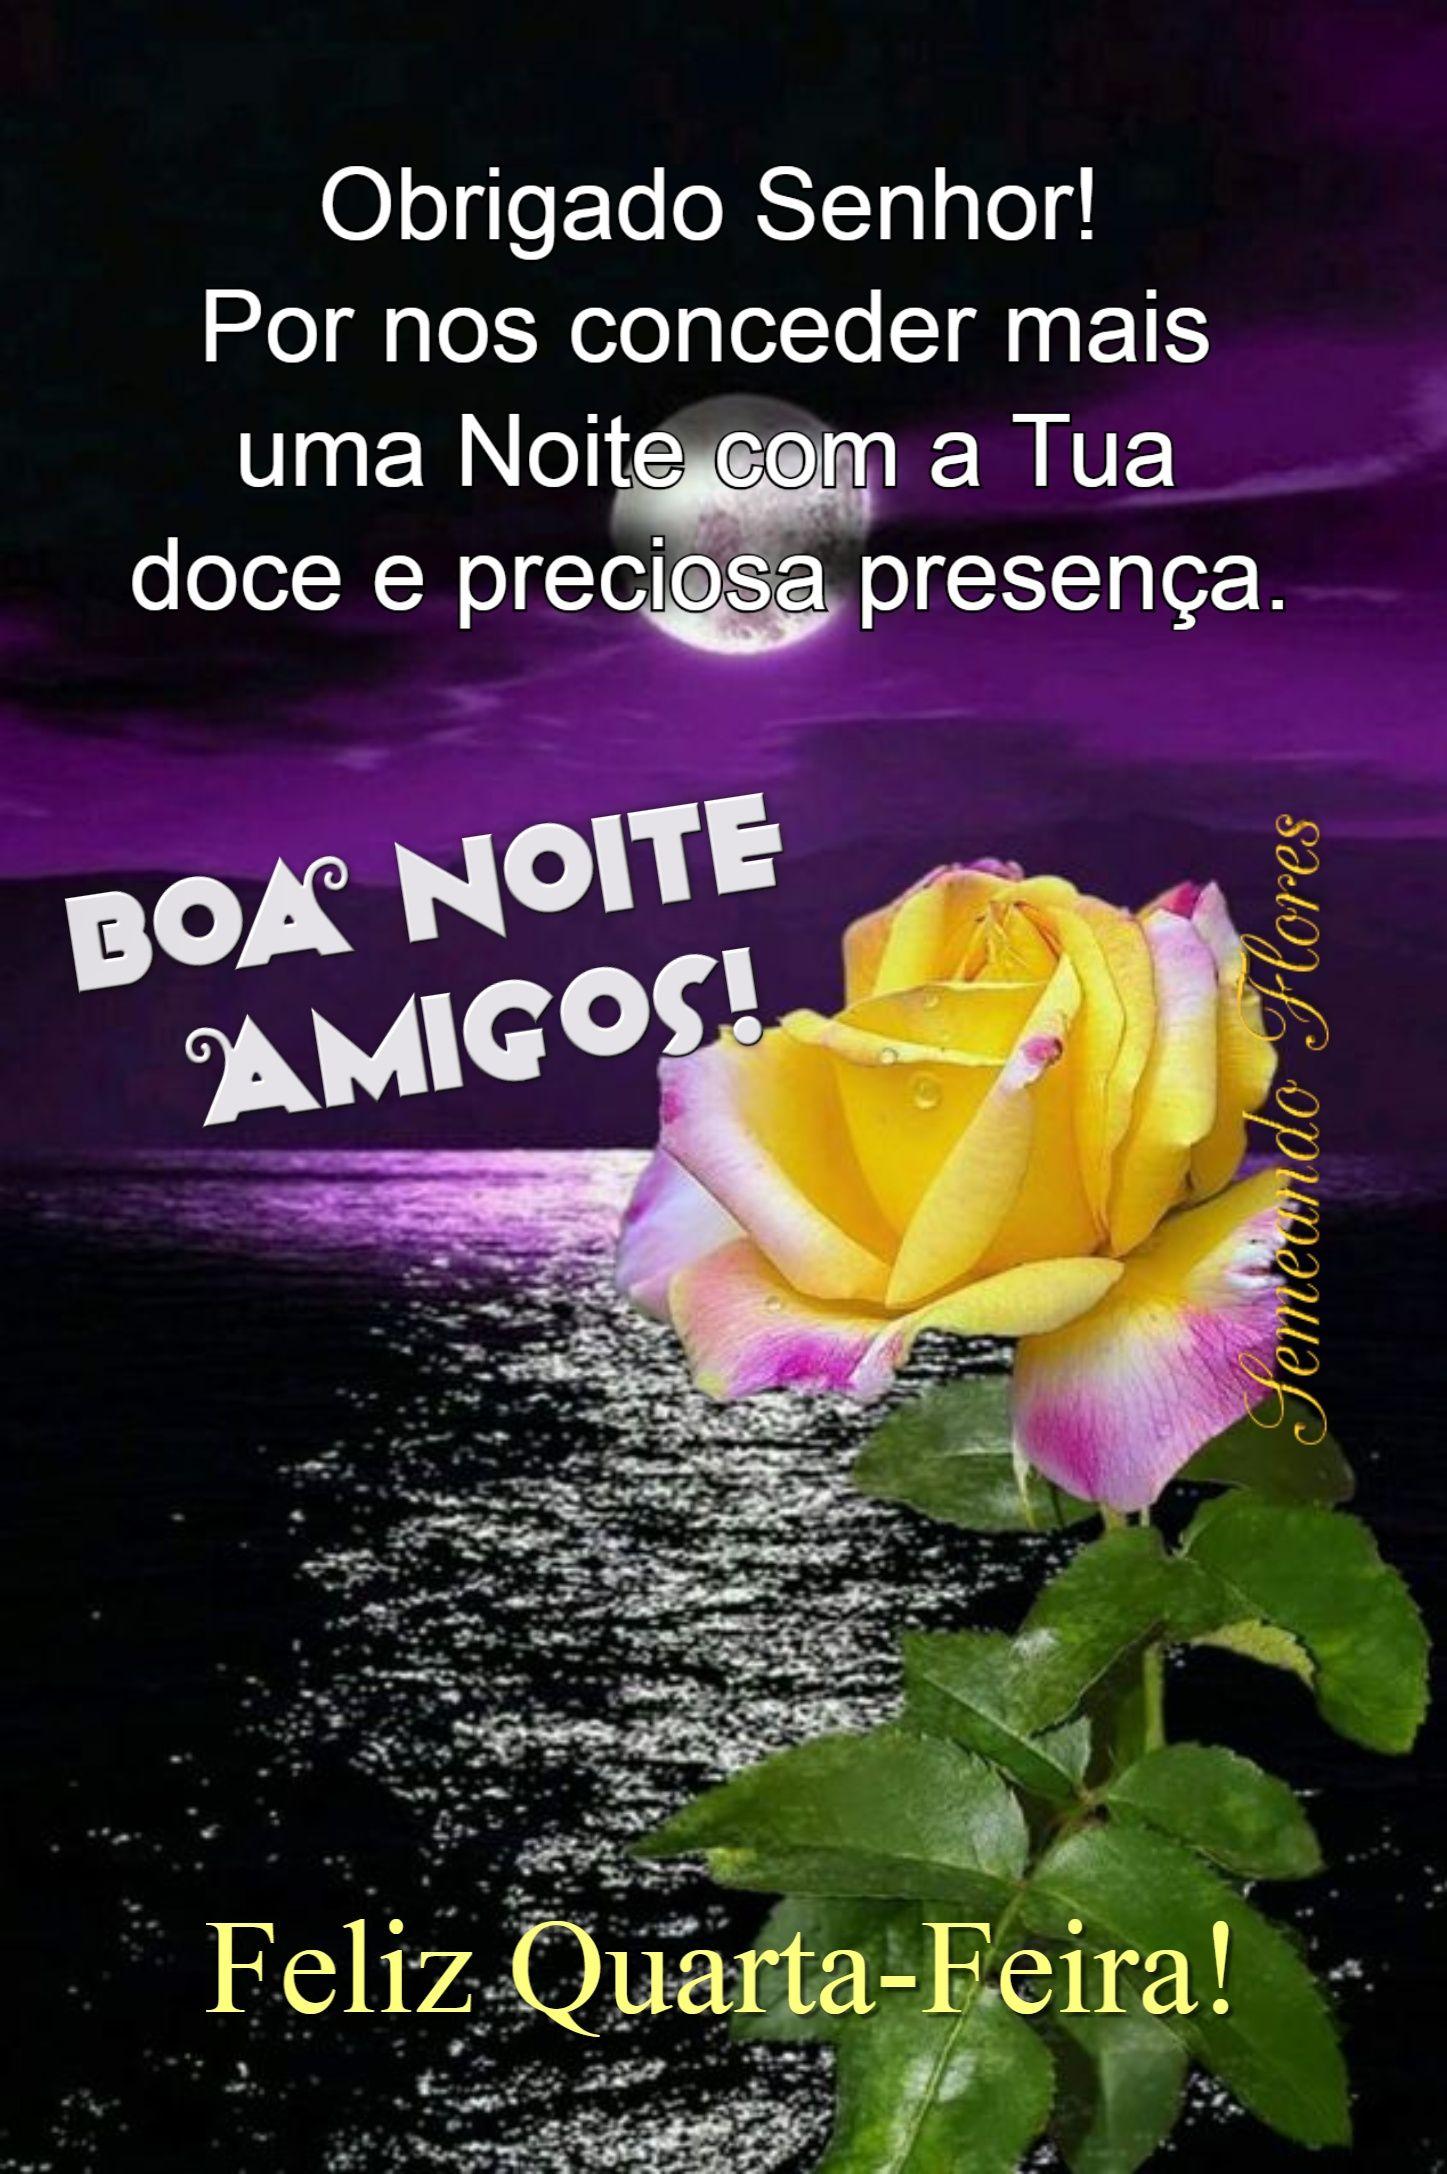 Pin De Tina Borges Em Amigos Com Imagens Mensagem De Boa Noite